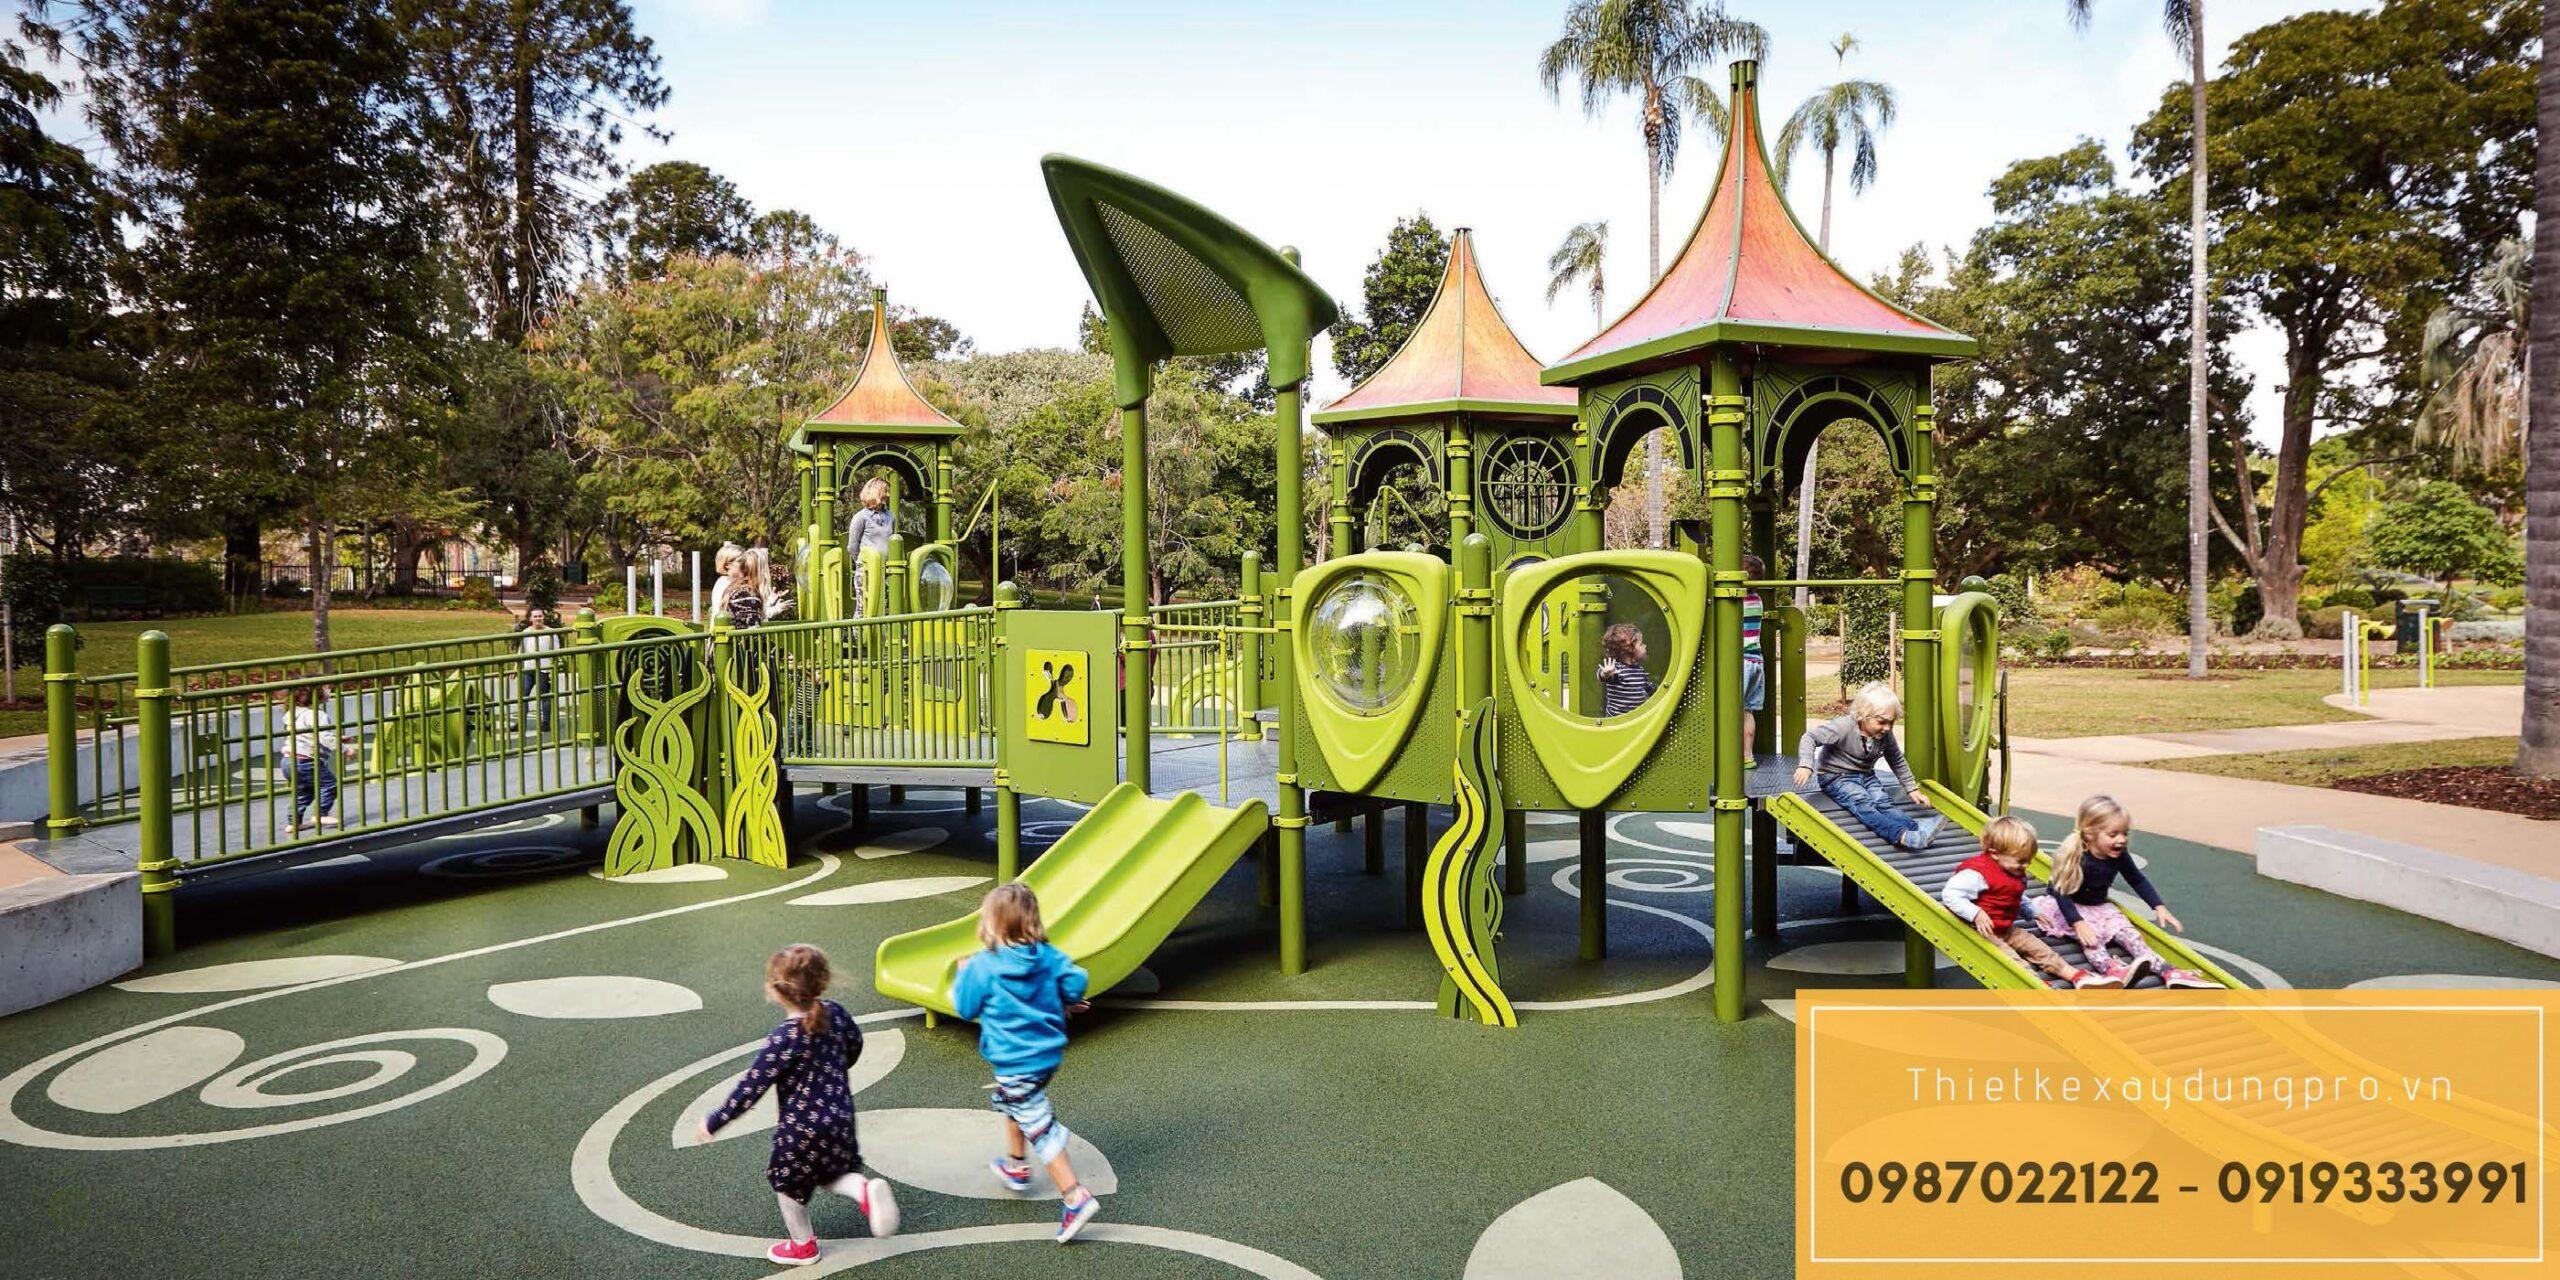 Thiết kế khu vui chơi trẻ em tại Nam Định